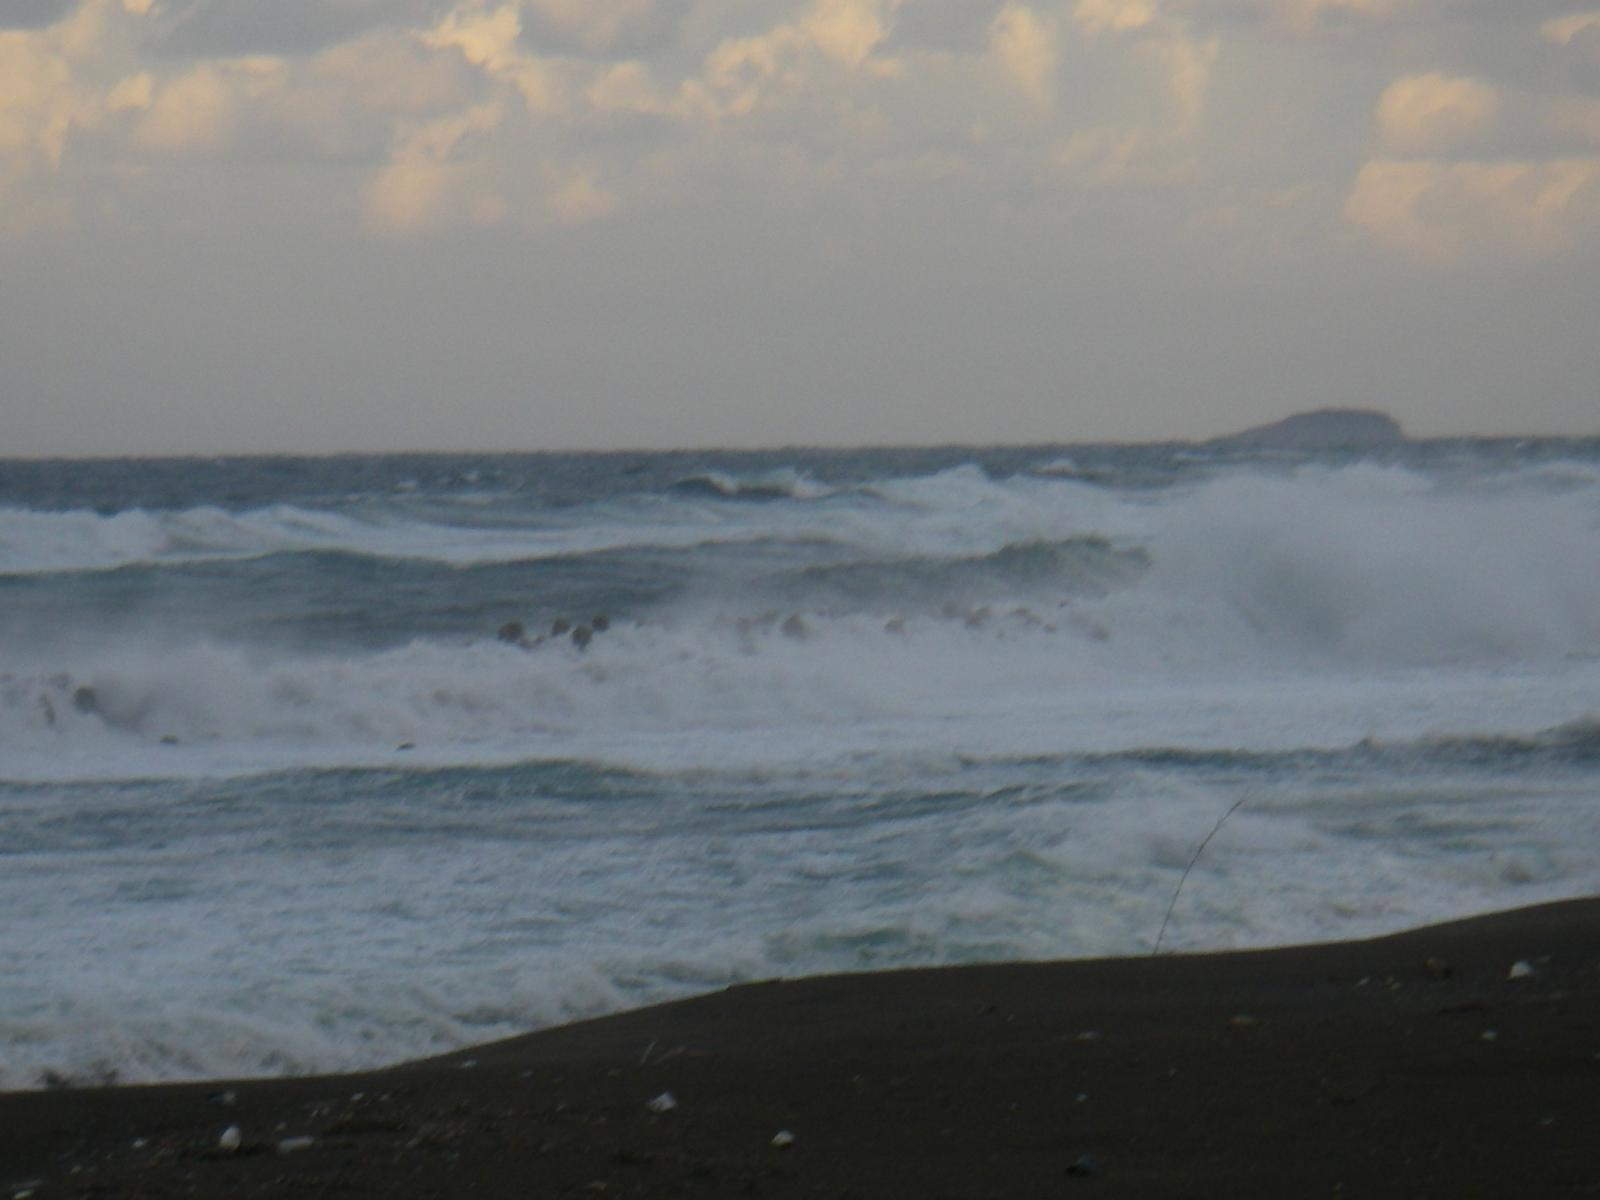 20081121日本海 荒れる日本海 演歌の似合う風景です歳を重ねたせいか、はたまた 日本海 船